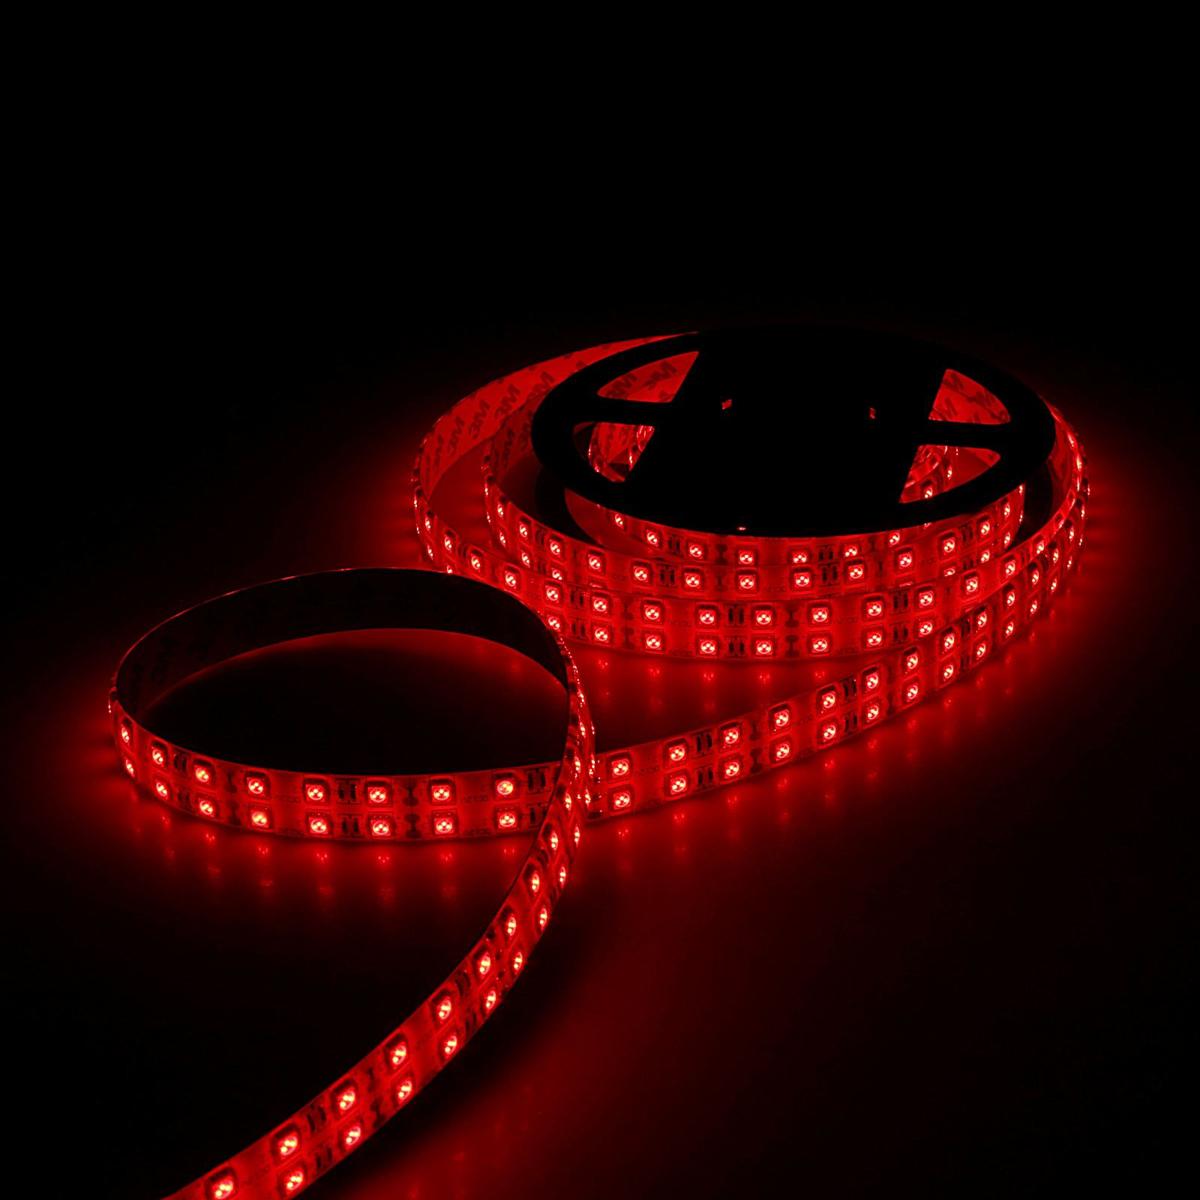 Светодиодная лента Sima-land, 12В, SMD5050, длина 5 м, IP65, 120 LED ламп, 28.8 Вт/м, 10-12 Лм/1 LED, DC, цвет: красный848560Светодиодные гирлянды, ленты и т.д — это отличный вариант для новогоднего оформления интерьера или фасада. С их помощью помещение любого размера можно превратить в праздничный зал, а внешние элементы зданий, украшенные ими, мгновенно станут напоминать очертания сказочного дворца. Такие украшения создают ауру предвкушения чуда. Деревья, фасады, витрины, окна и арки будто специально созданы, чтобы вы украсили их светящимися нитями.